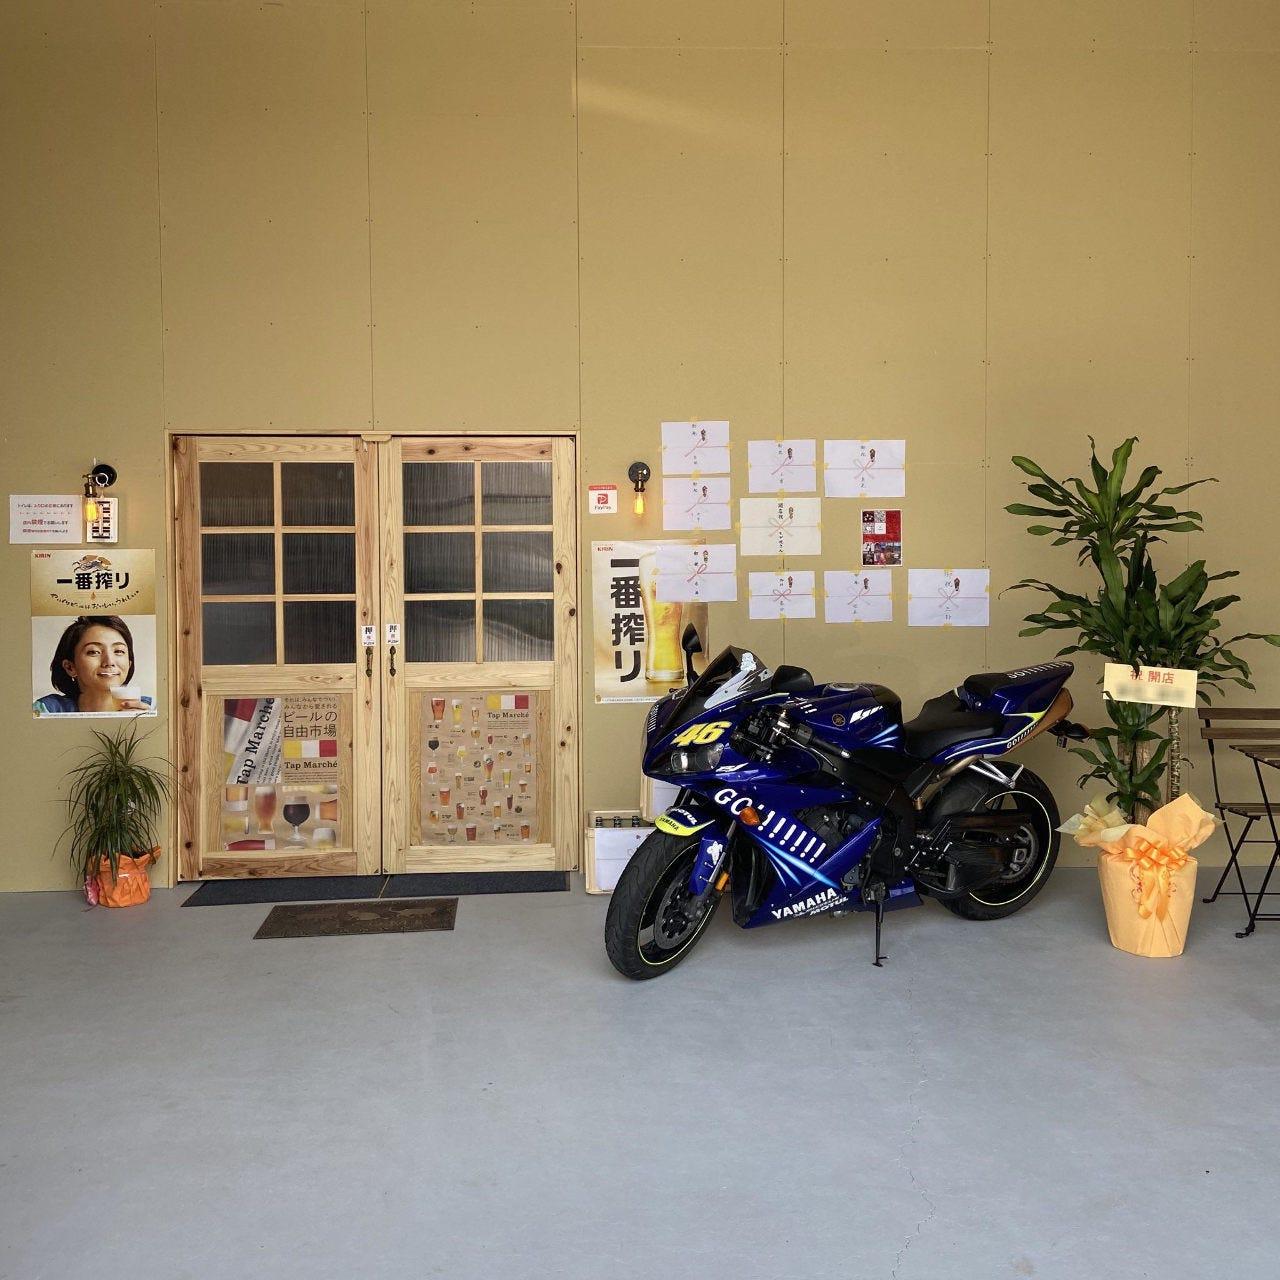 倉庫を改装して作った店舗です。